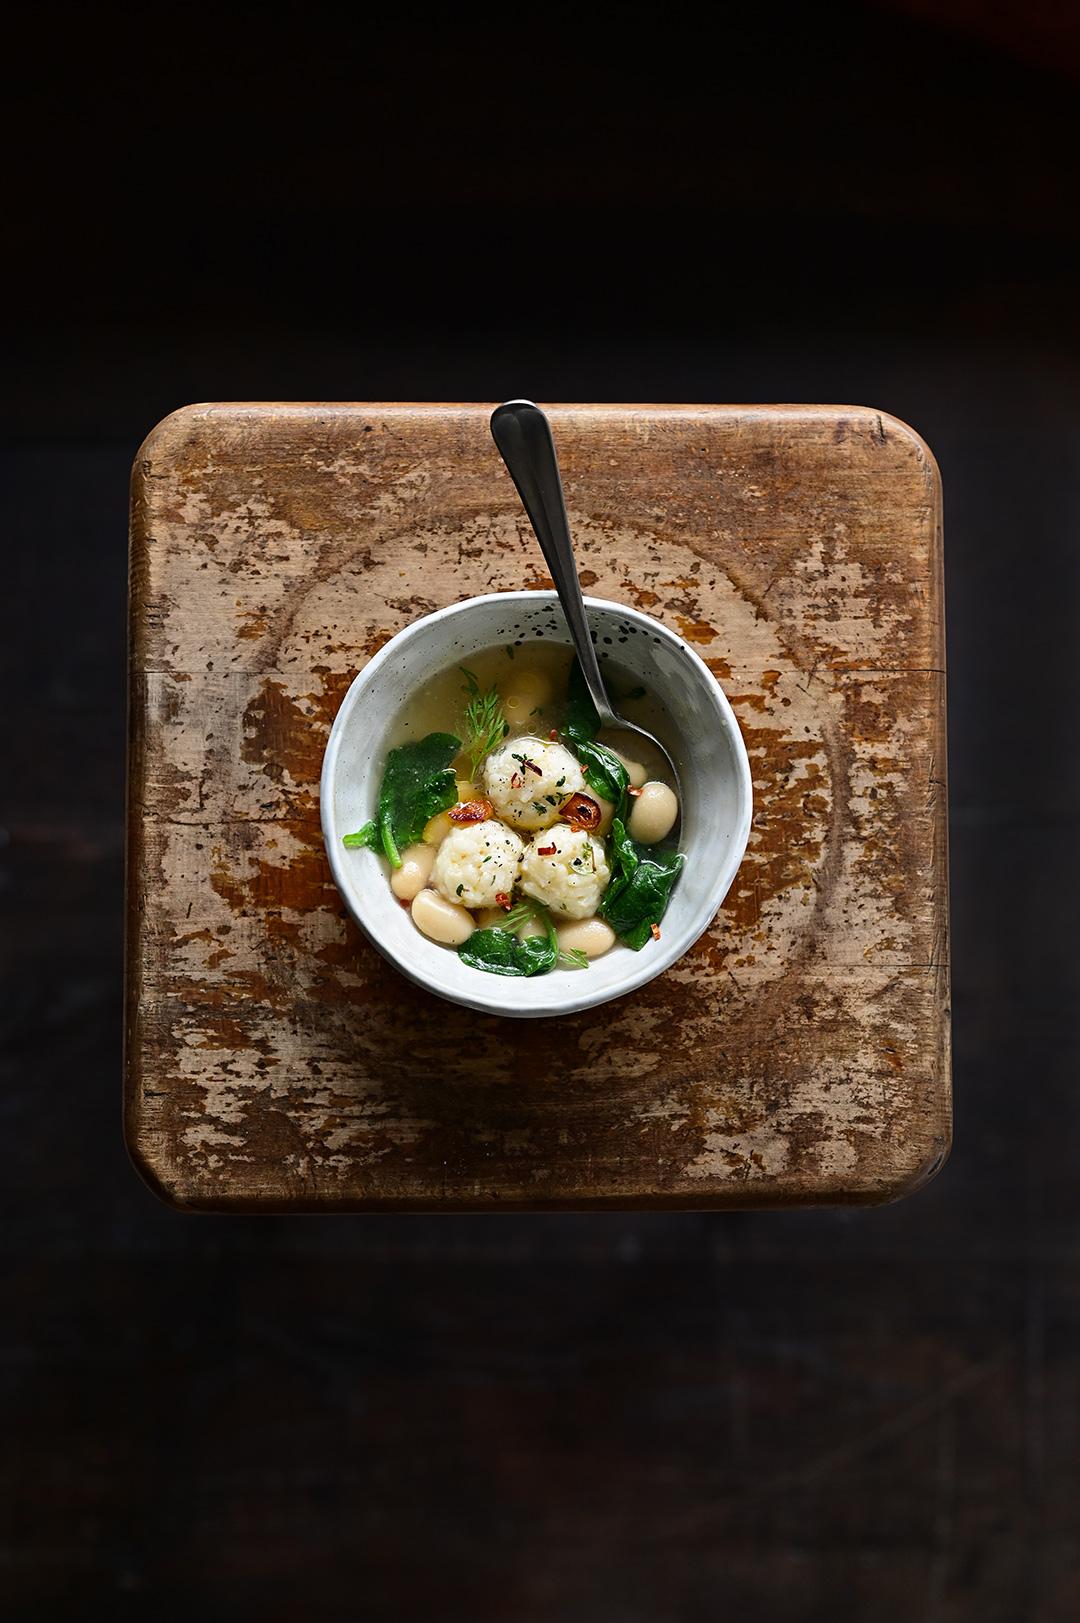 serving dumplings | Kulki ryżowe z parmezanem w rosole ze szpinakiem i fasolą